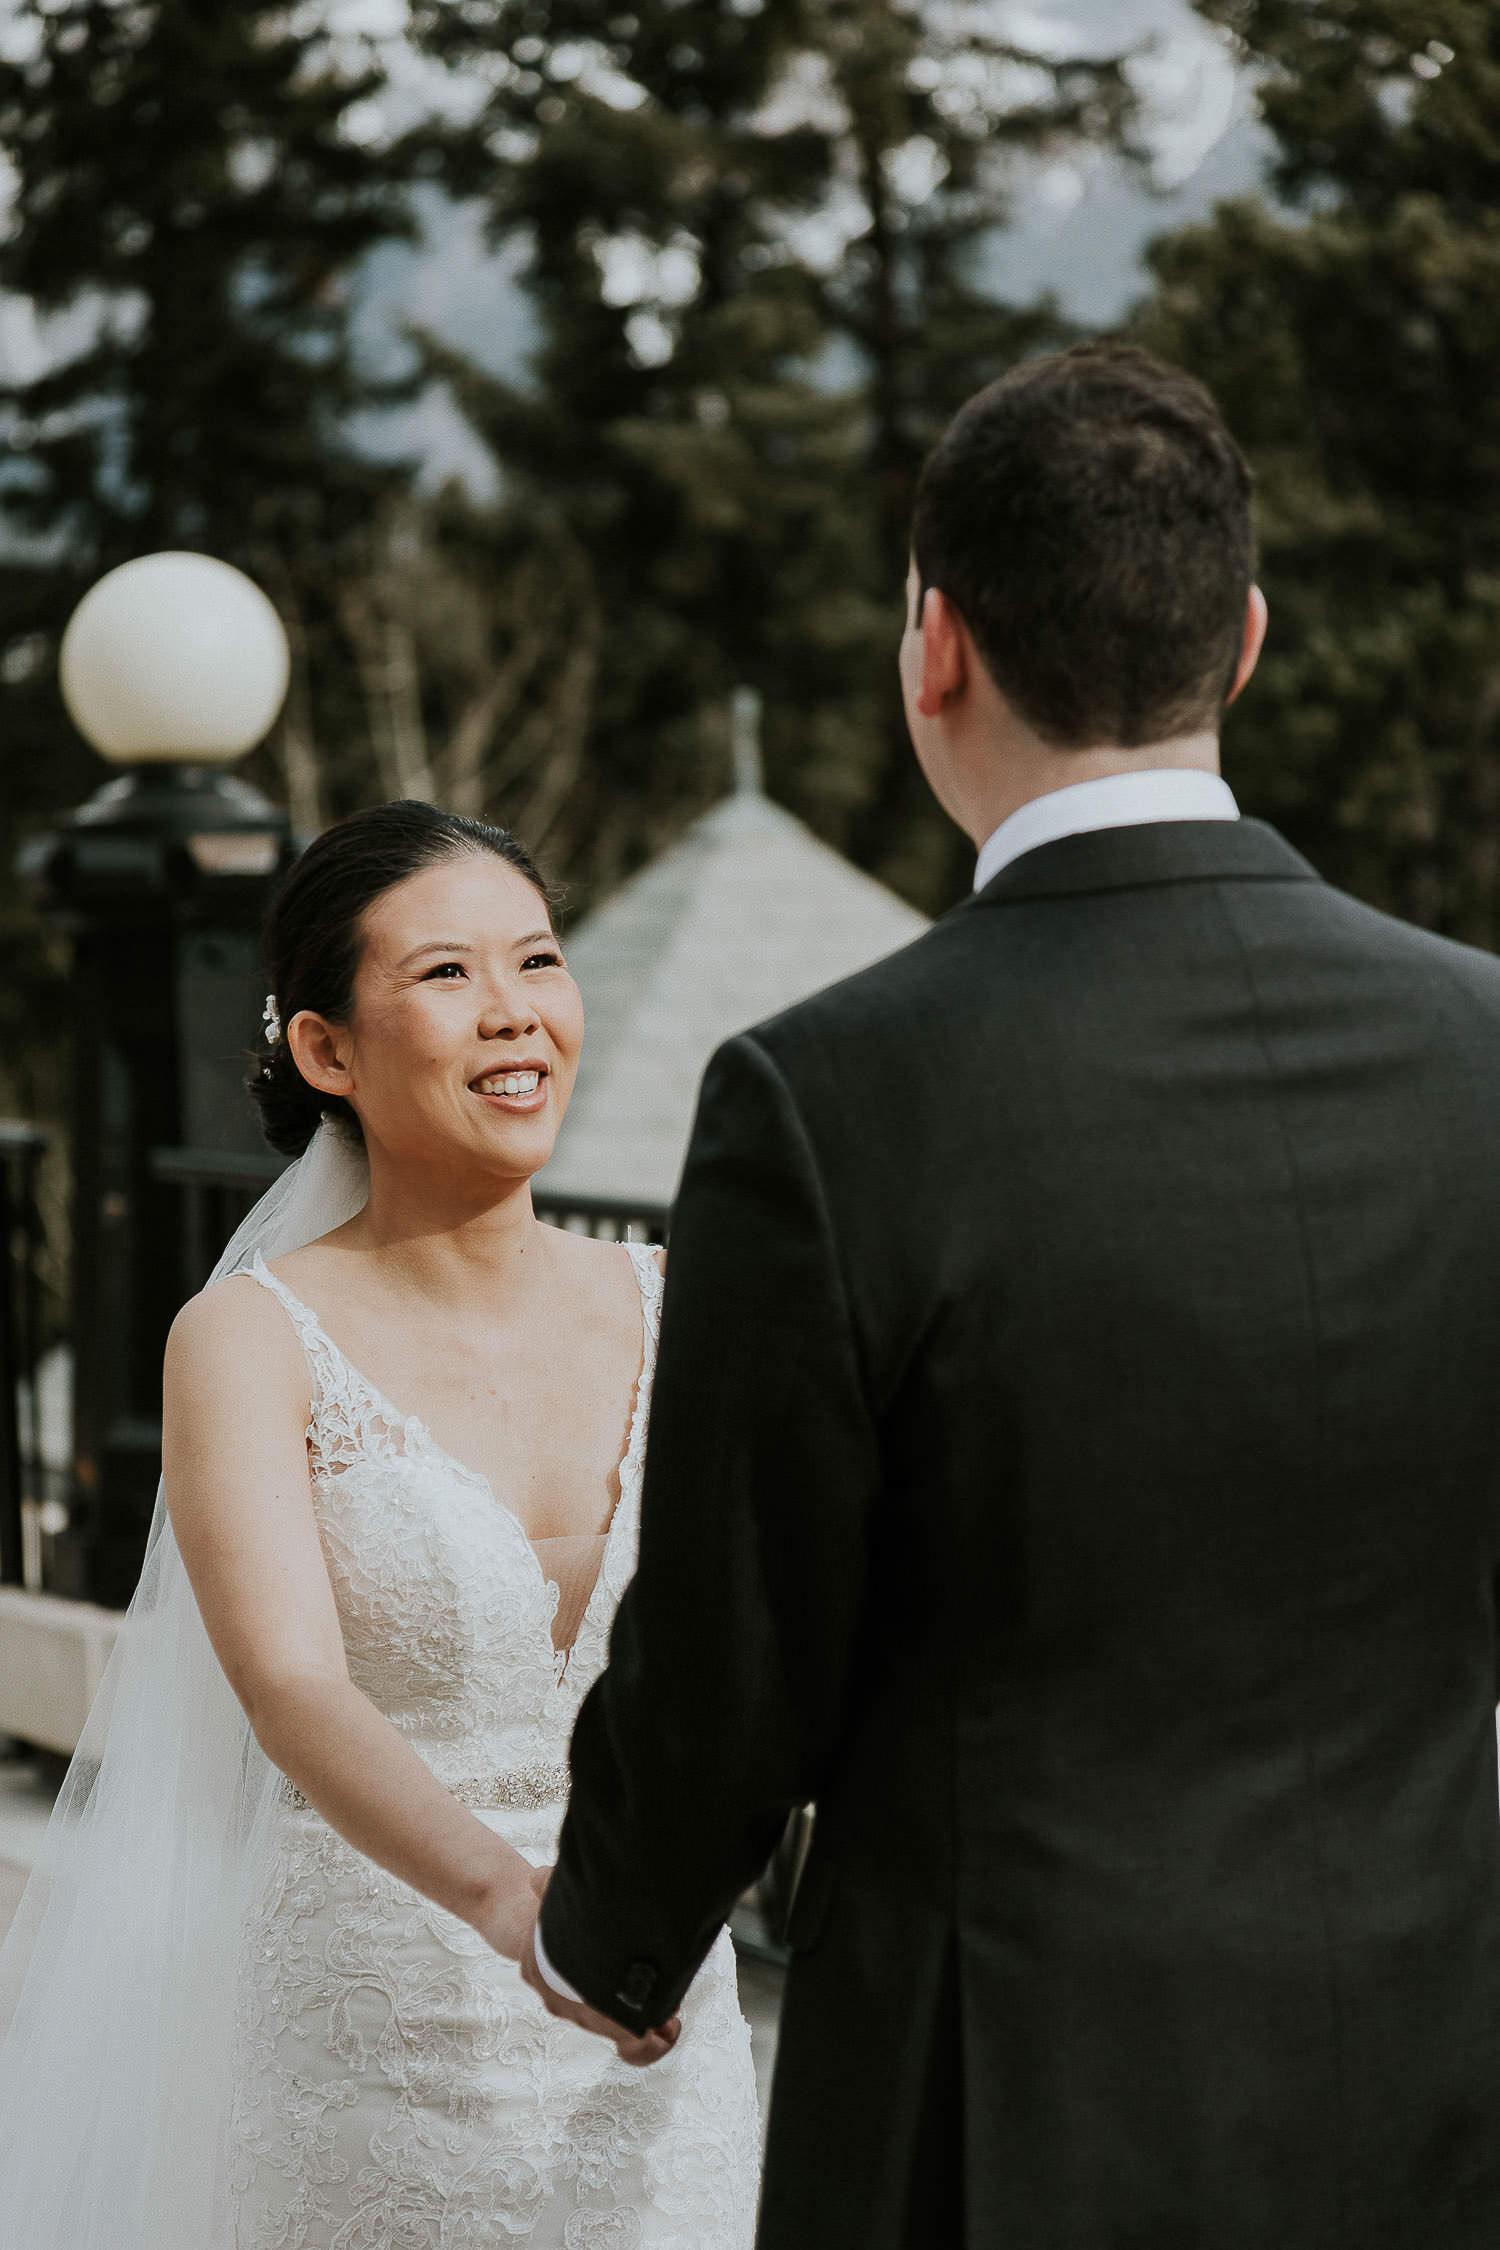 intimate-wedding-at-banff-springs-hotel-sarah-pukin-0077